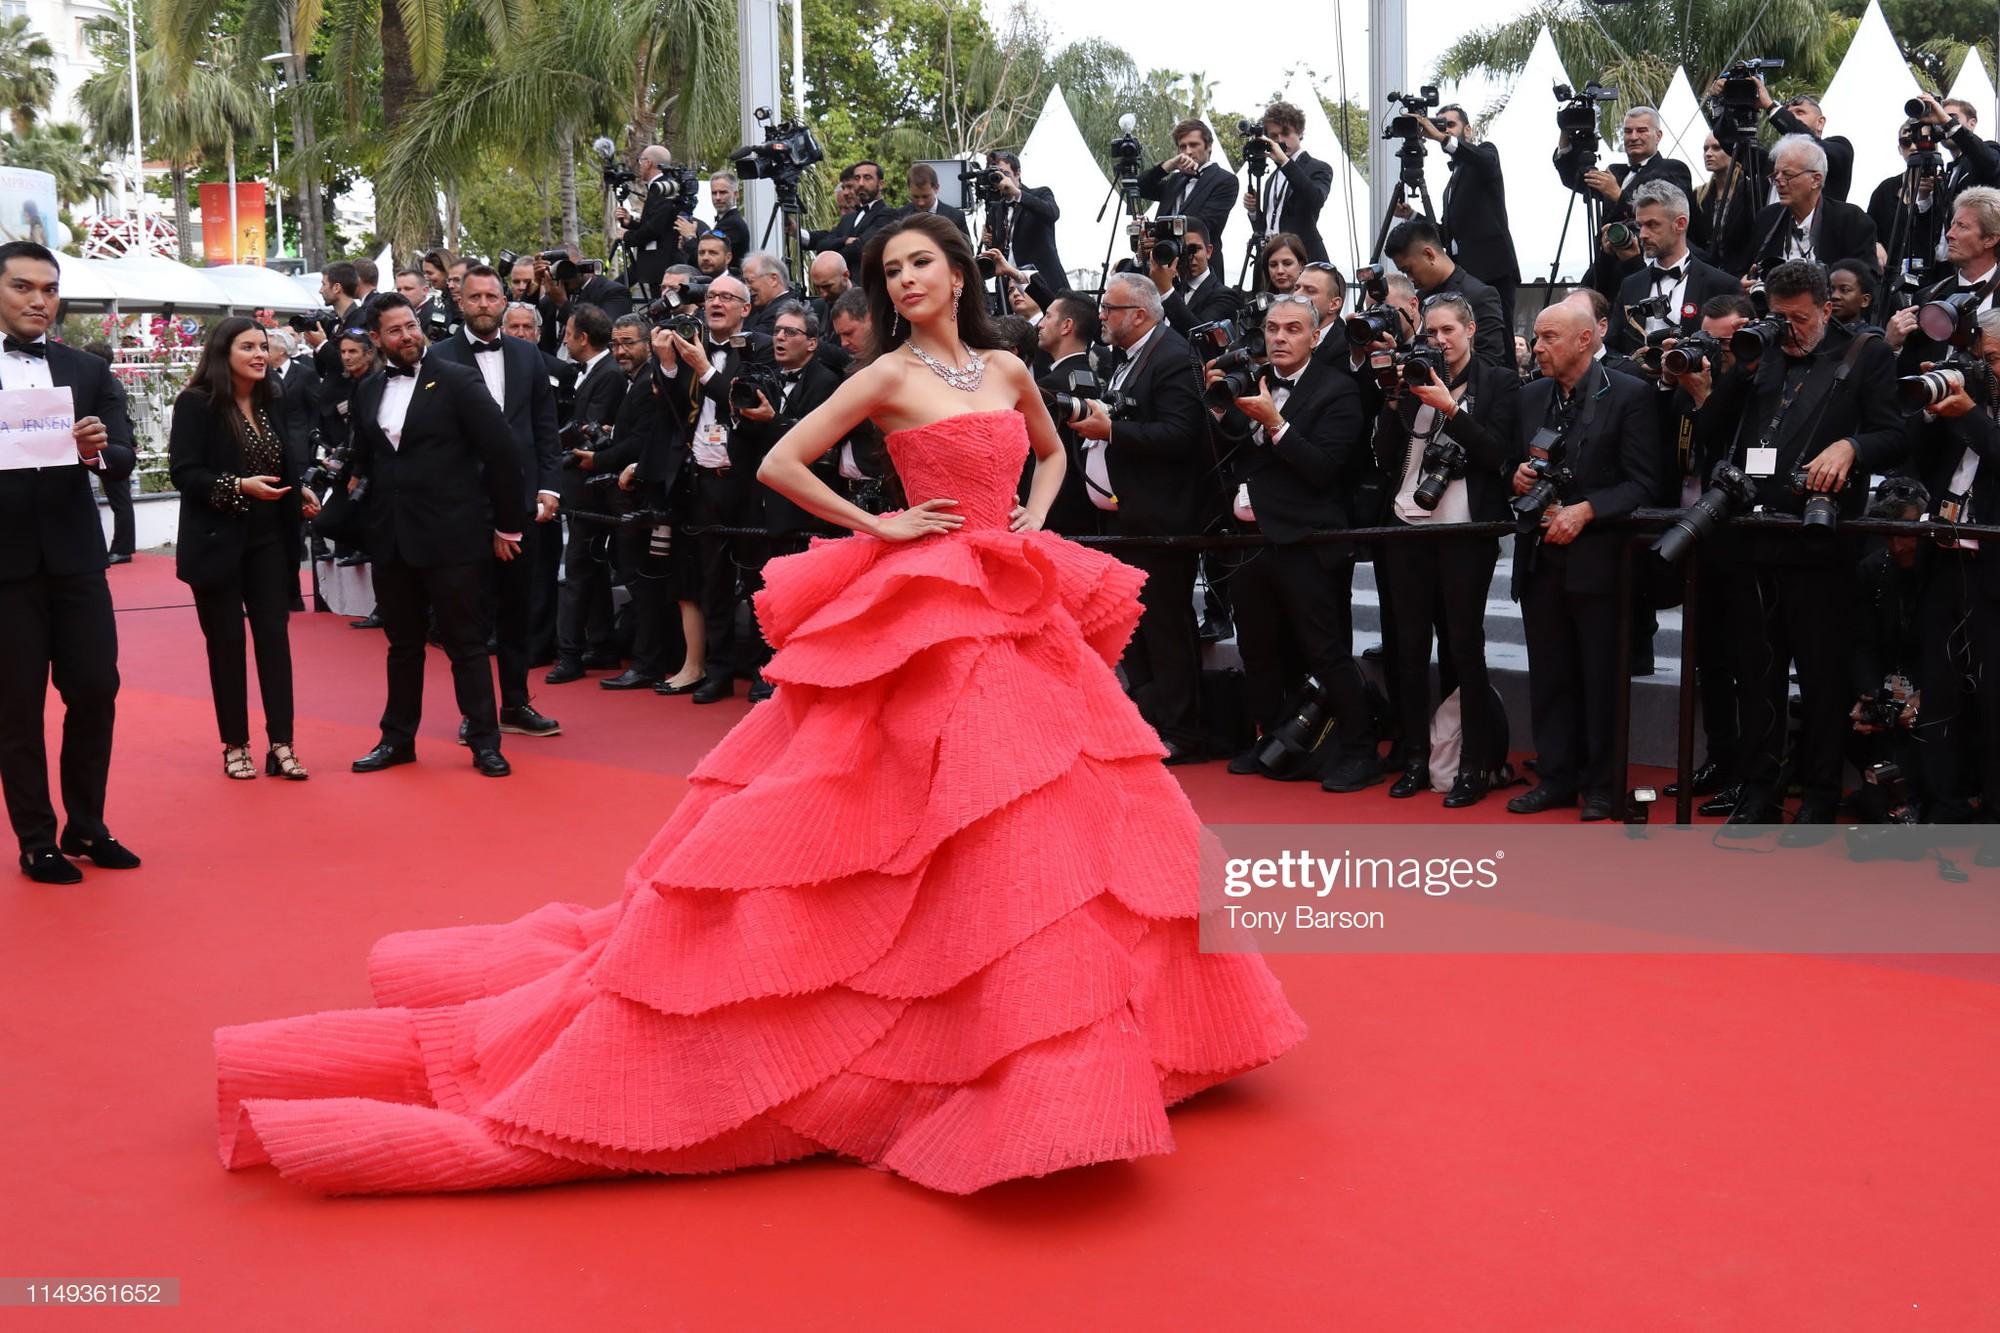 Ngày thứ 2 Cannes xuất hiện nữ thần nhan sắc chặt chém thảm đỏ, khiến Phạm Băng Băng Thái Lan chịu lép vế - Ảnh 2.